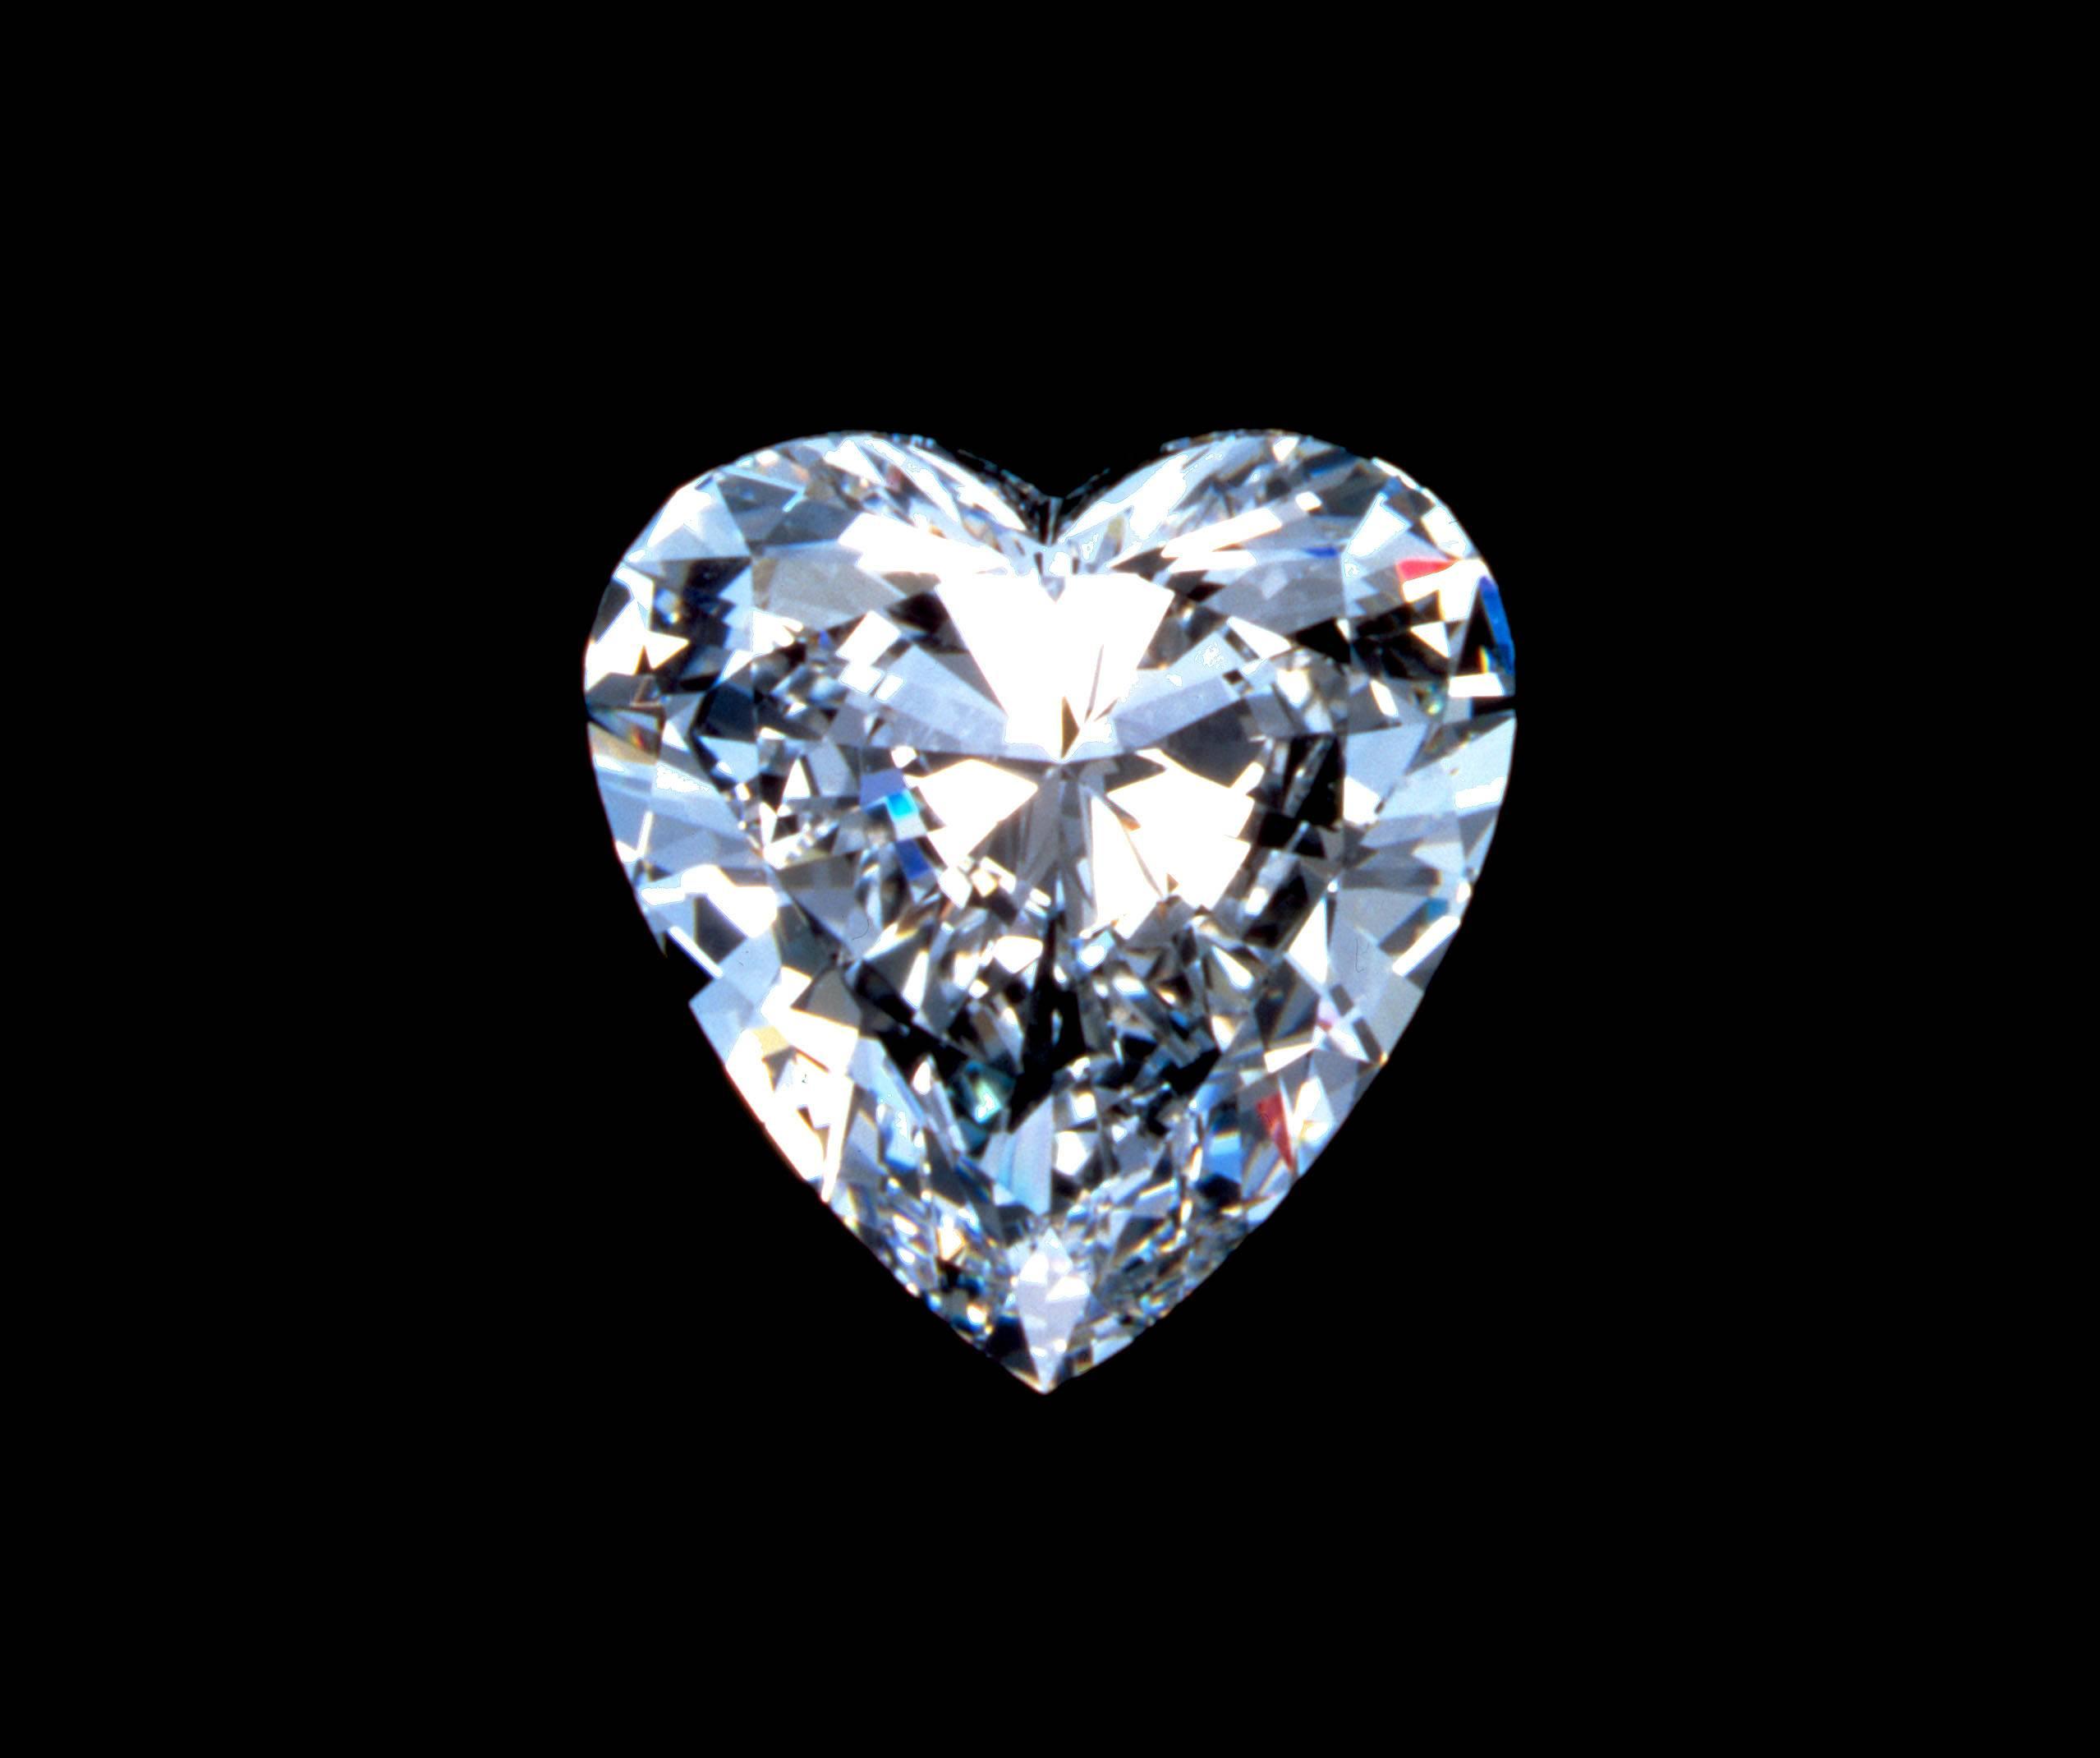 Heart-shaped clipart diamond shape Heart Shaped diamonds Diamond Shape